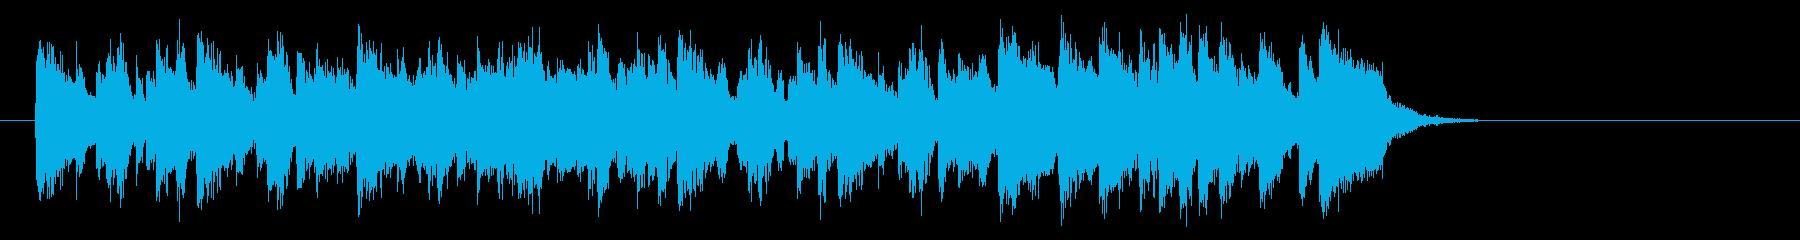 リゾート風ラテンポップス(サビ)の再生済みの波形